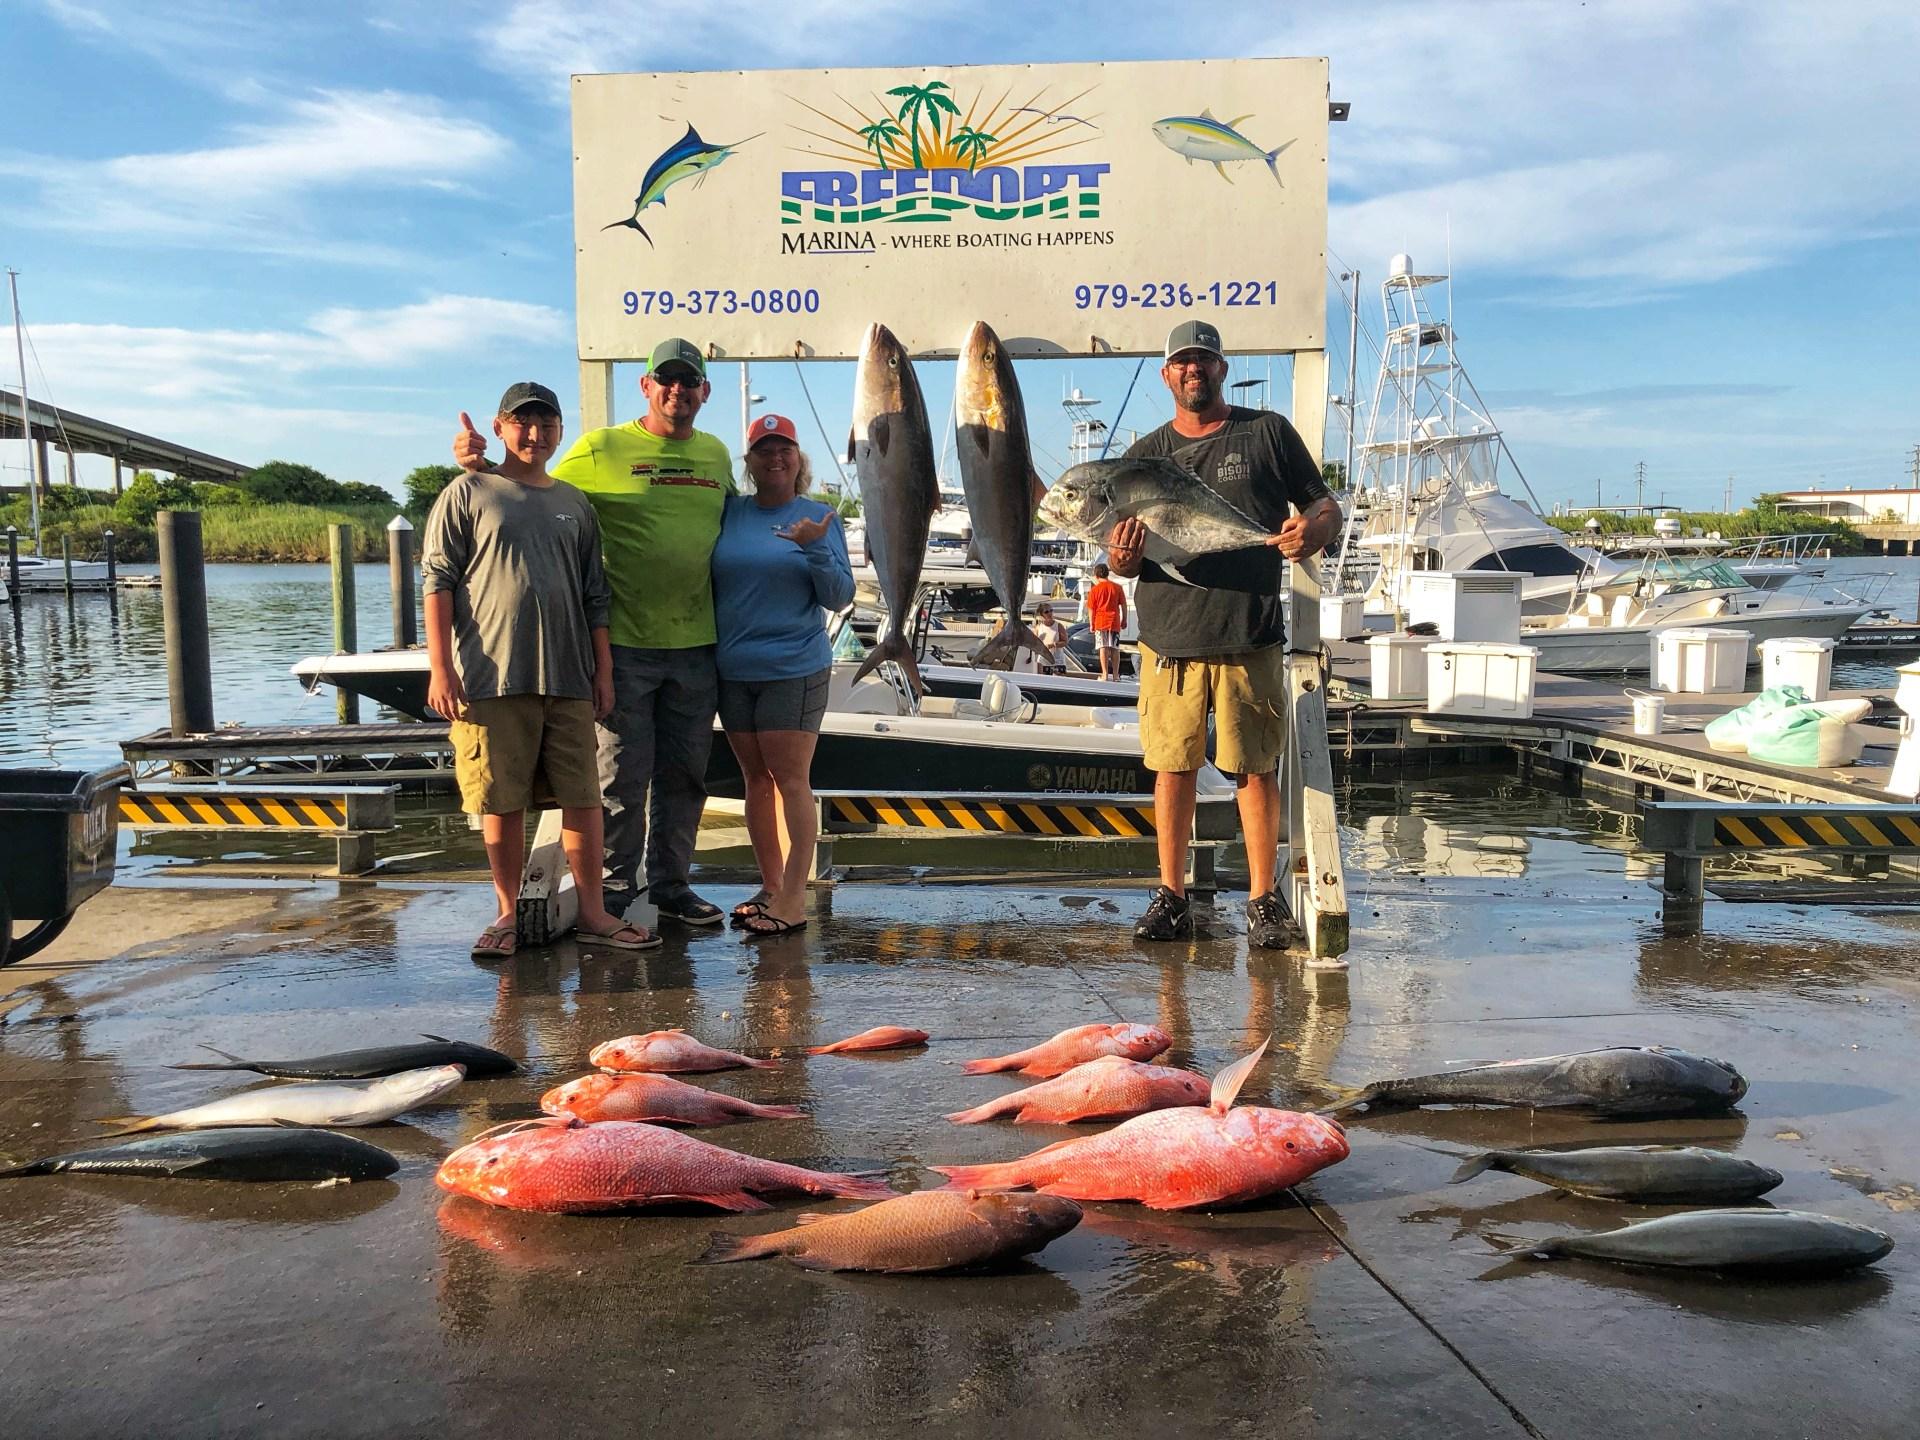 LOTS-OF-FISH-VARIETY-2019